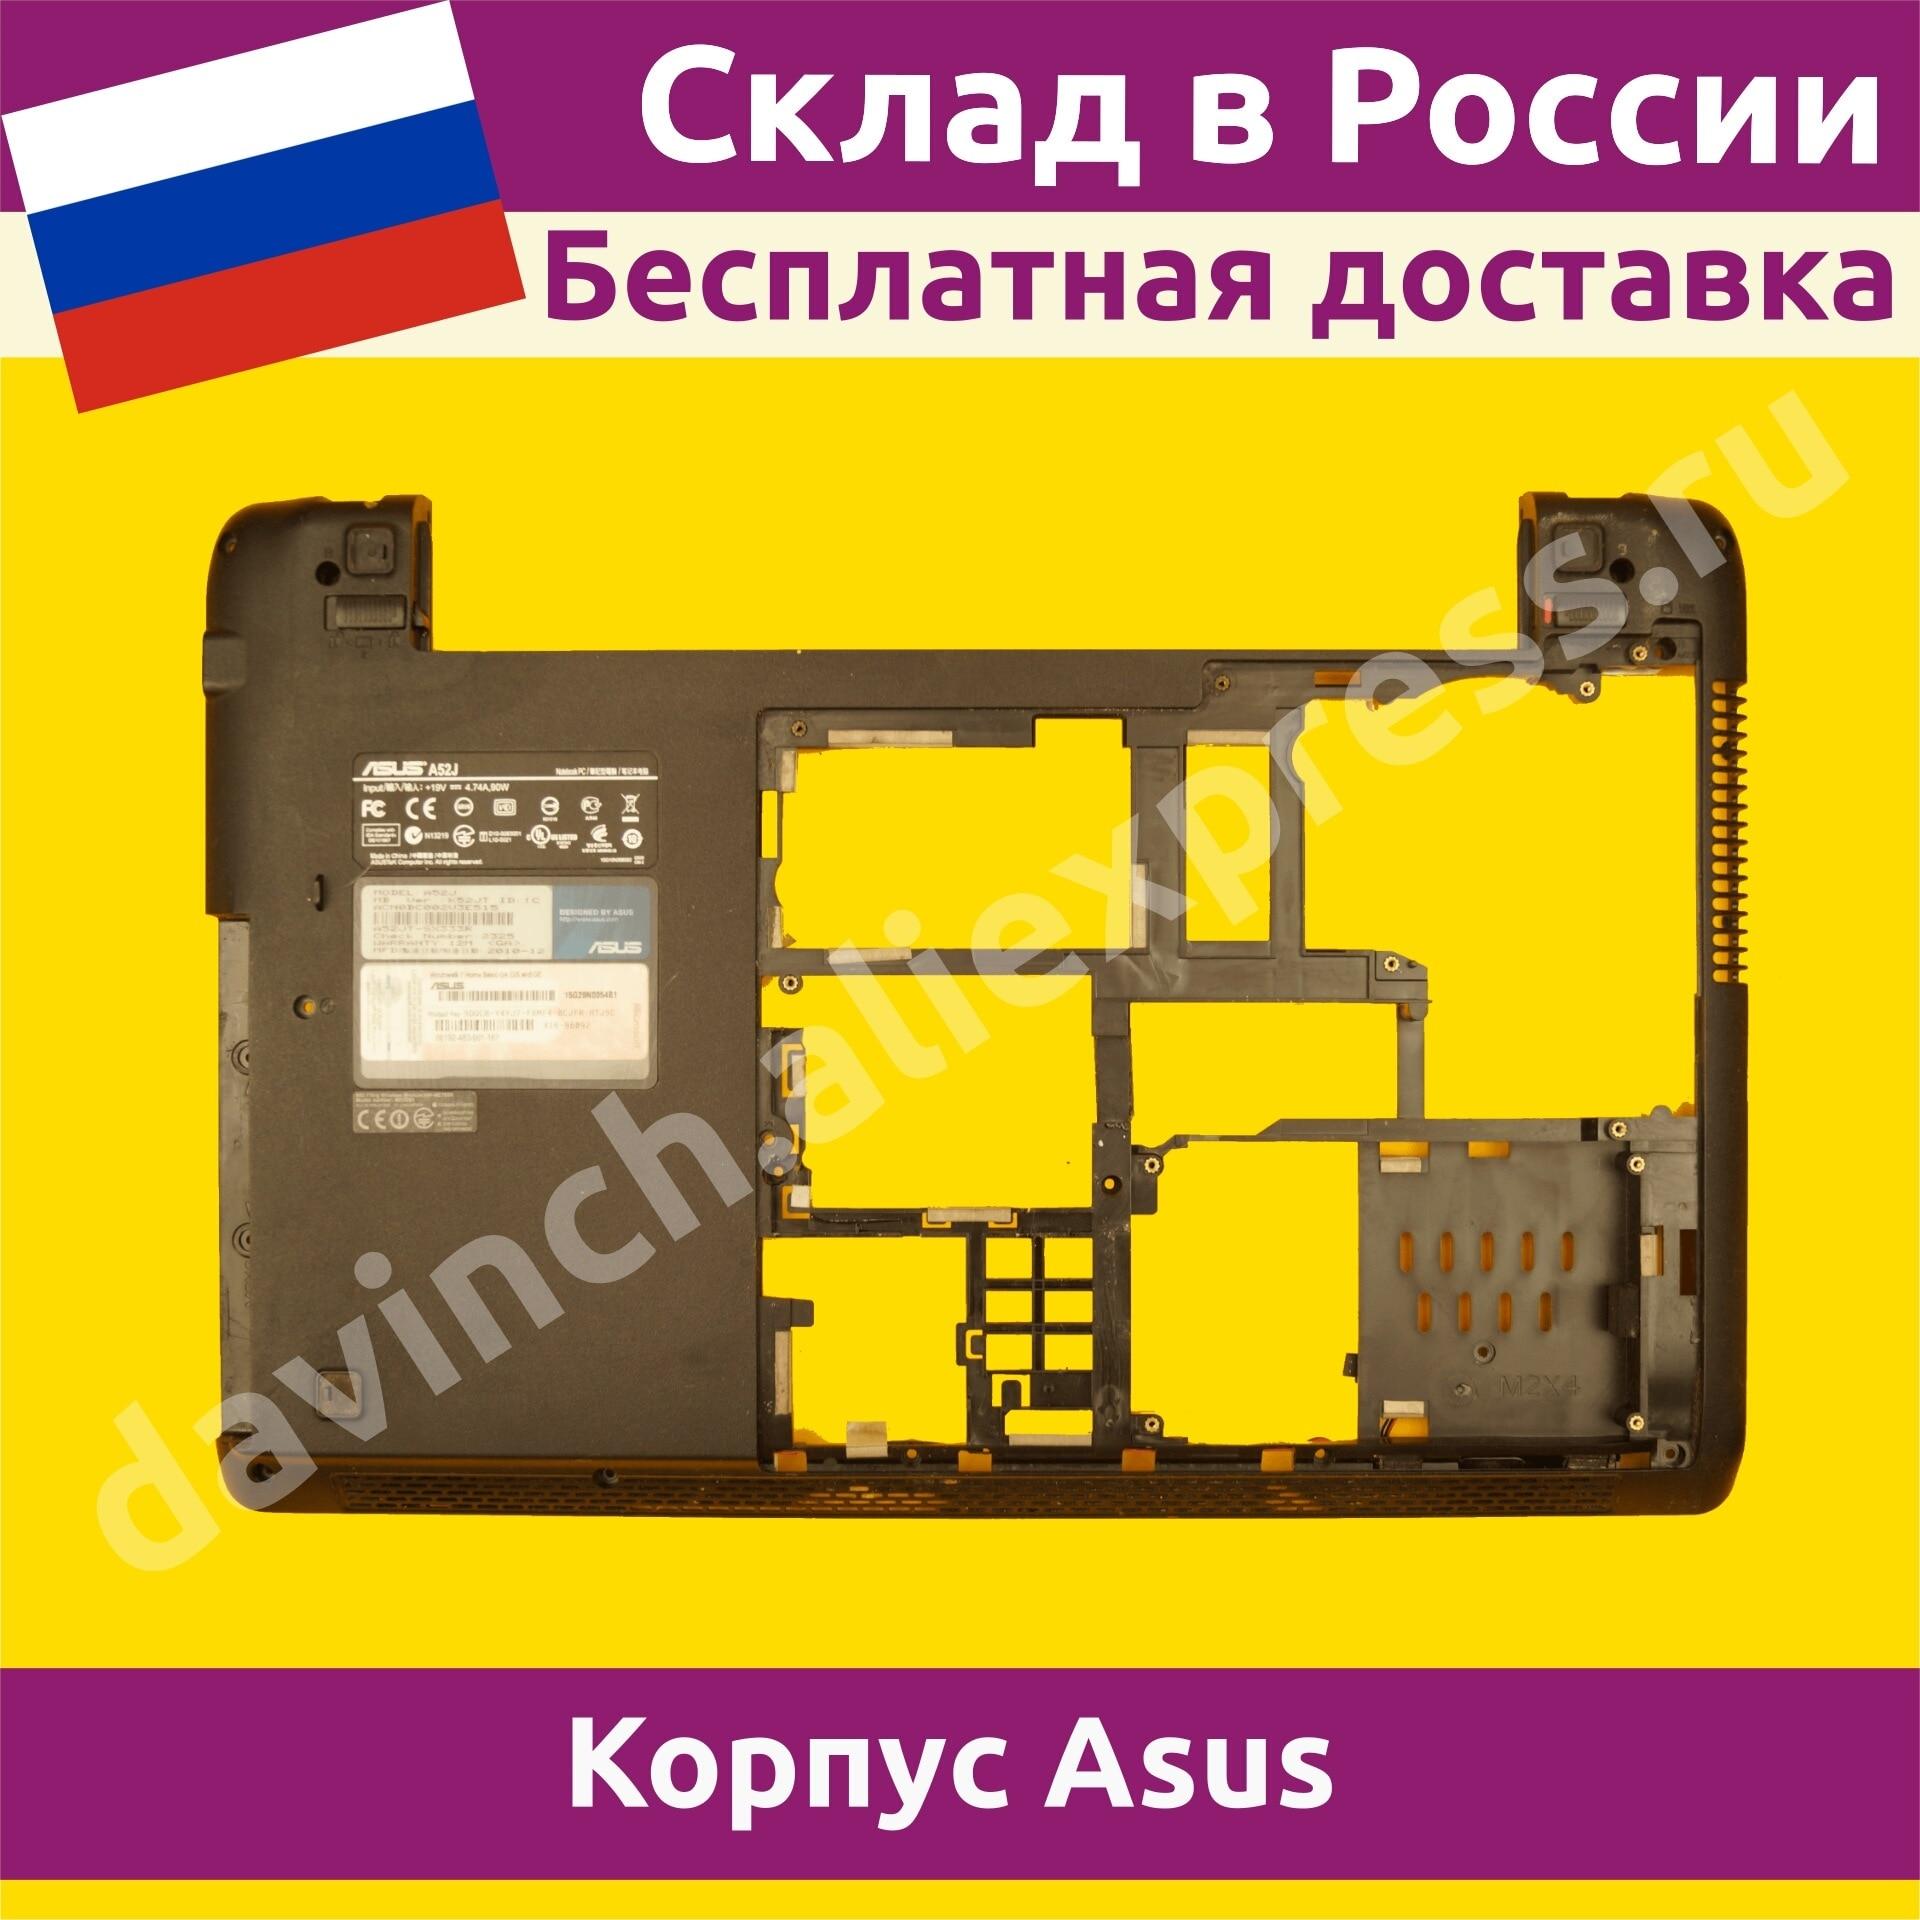 Корпус для ноутбука Asus K52JB нижняя часть поддон нижняя крышка 108019df не новый